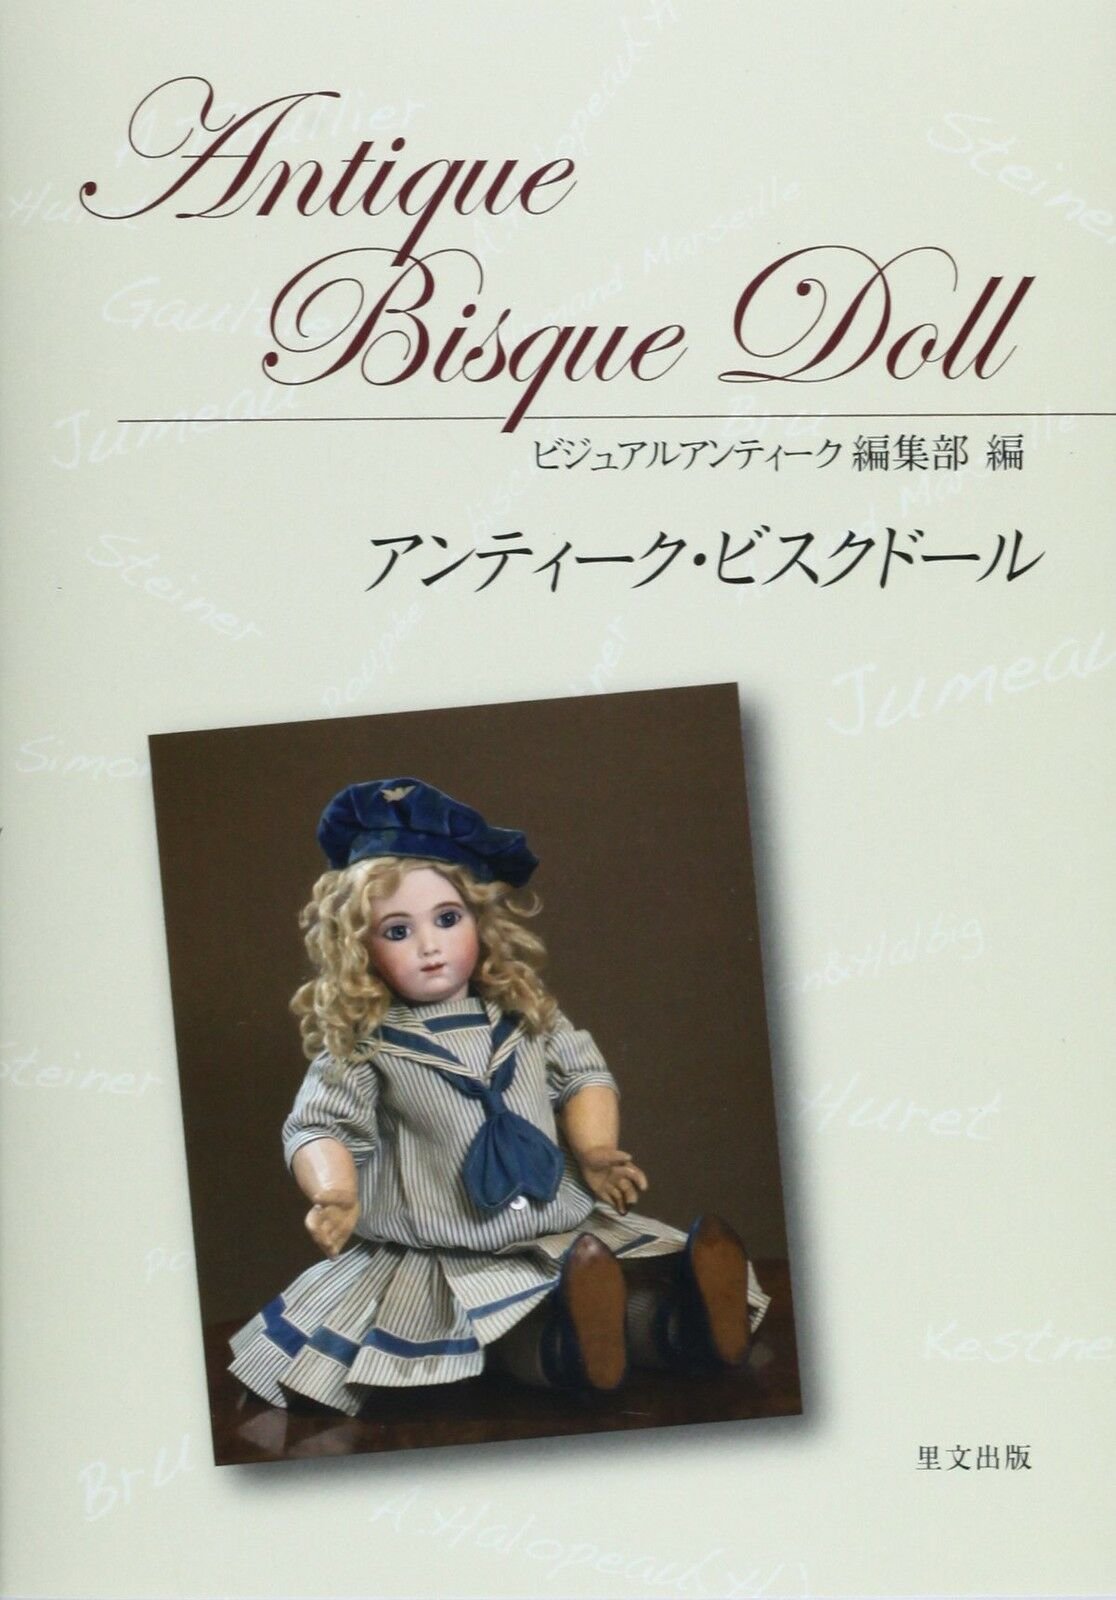 Galleta Biscuit Muñeca poupee en libro de fotos antiguas bisque Muñeca Vol. 1 2013 Japón